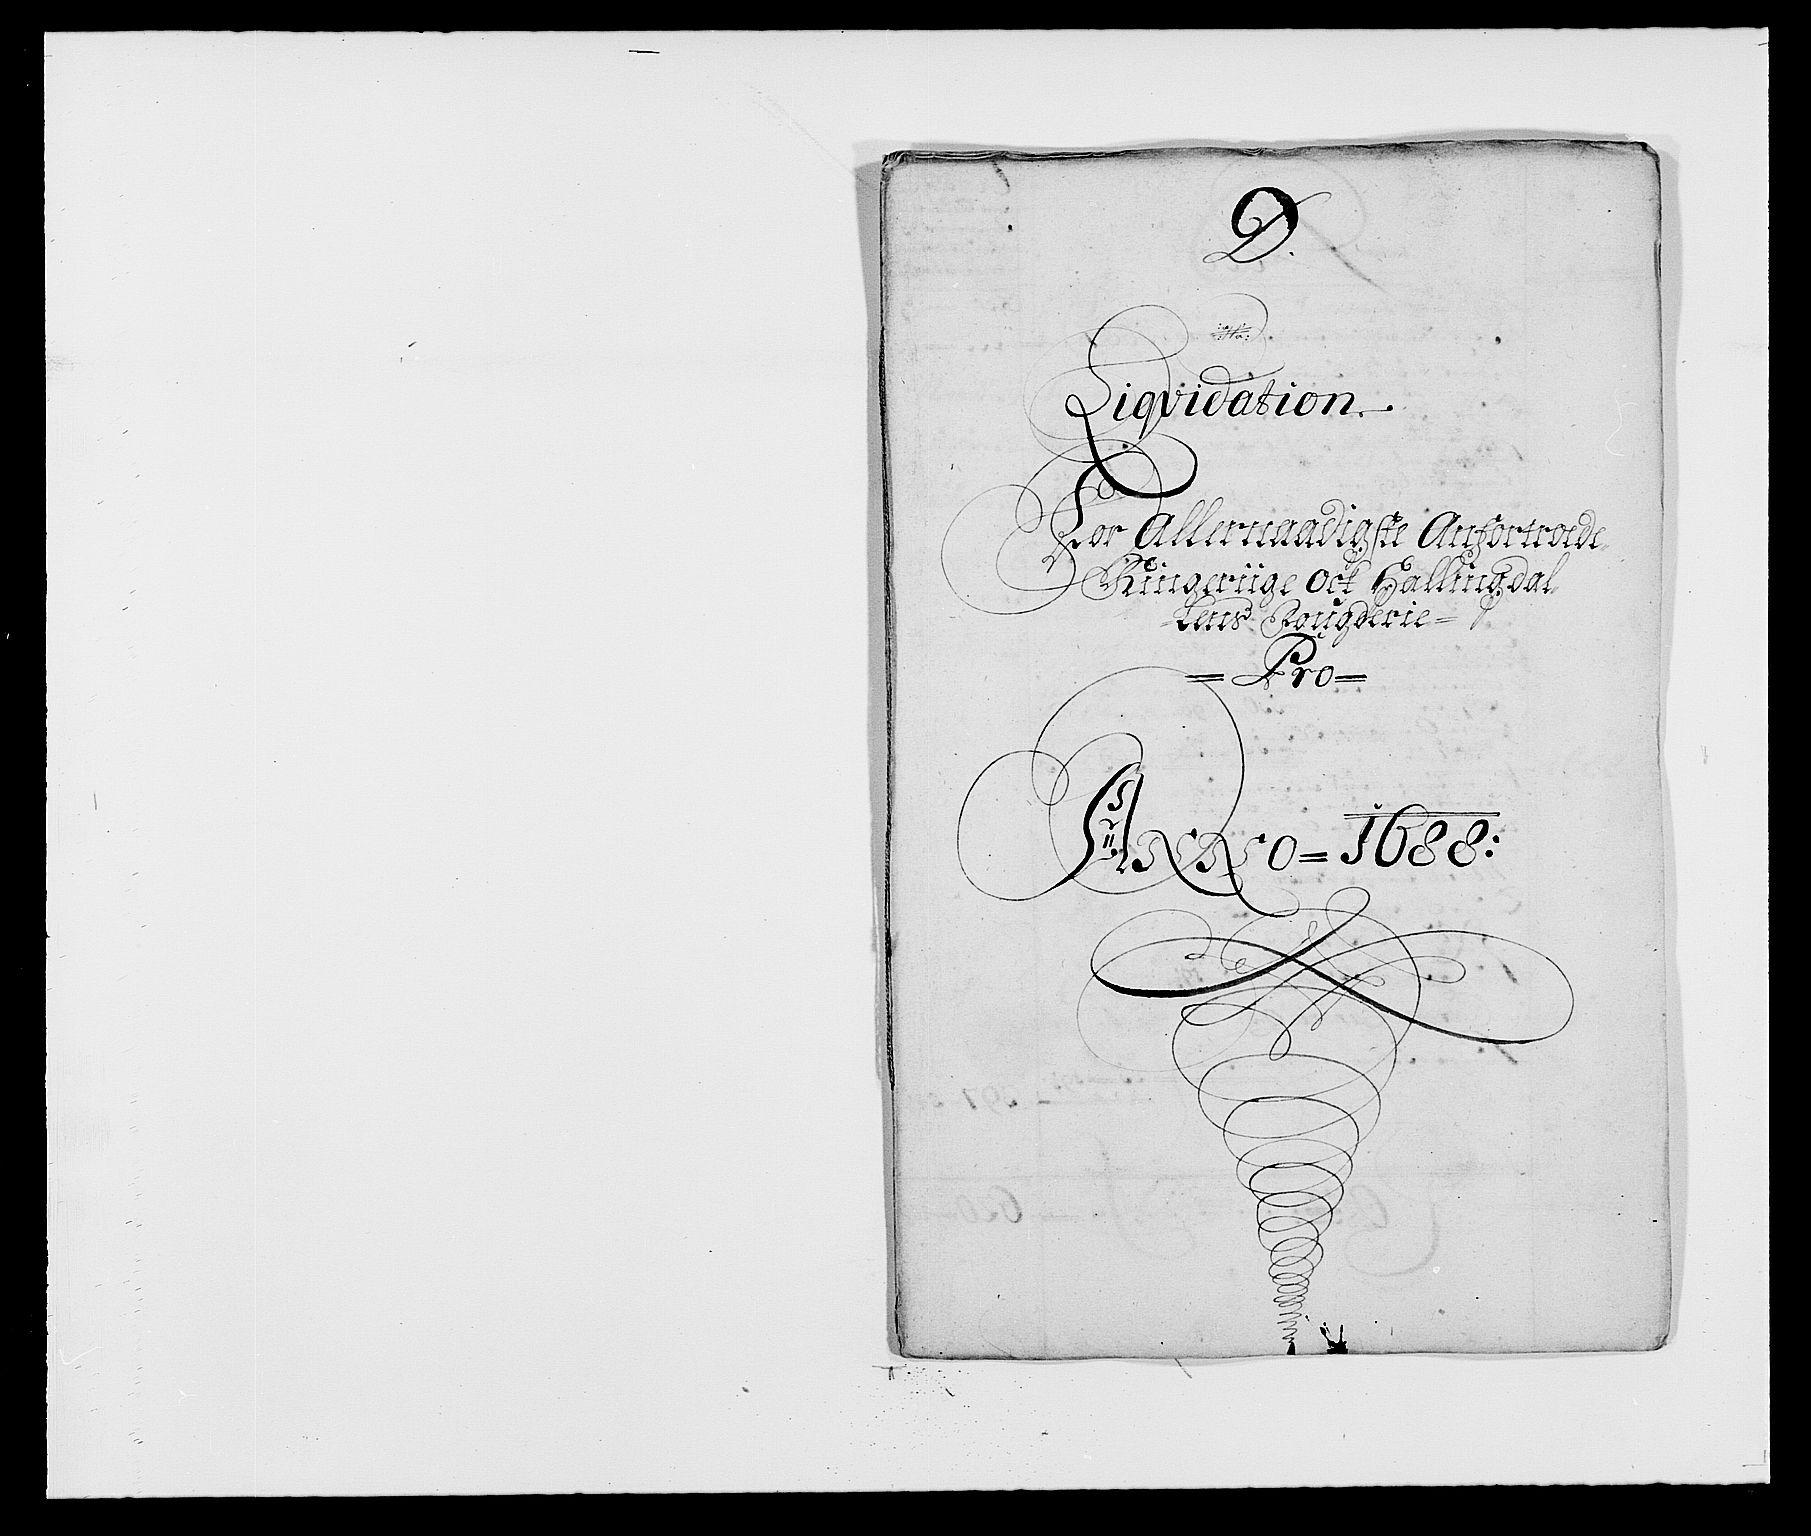 RA, Rentekammeret inntil 1814, Reviderte regnskaper, Fogderegnskap, R21/L1447: Fogderegnskap Ringerike og Hallingdal, 1687-1689, s. 123